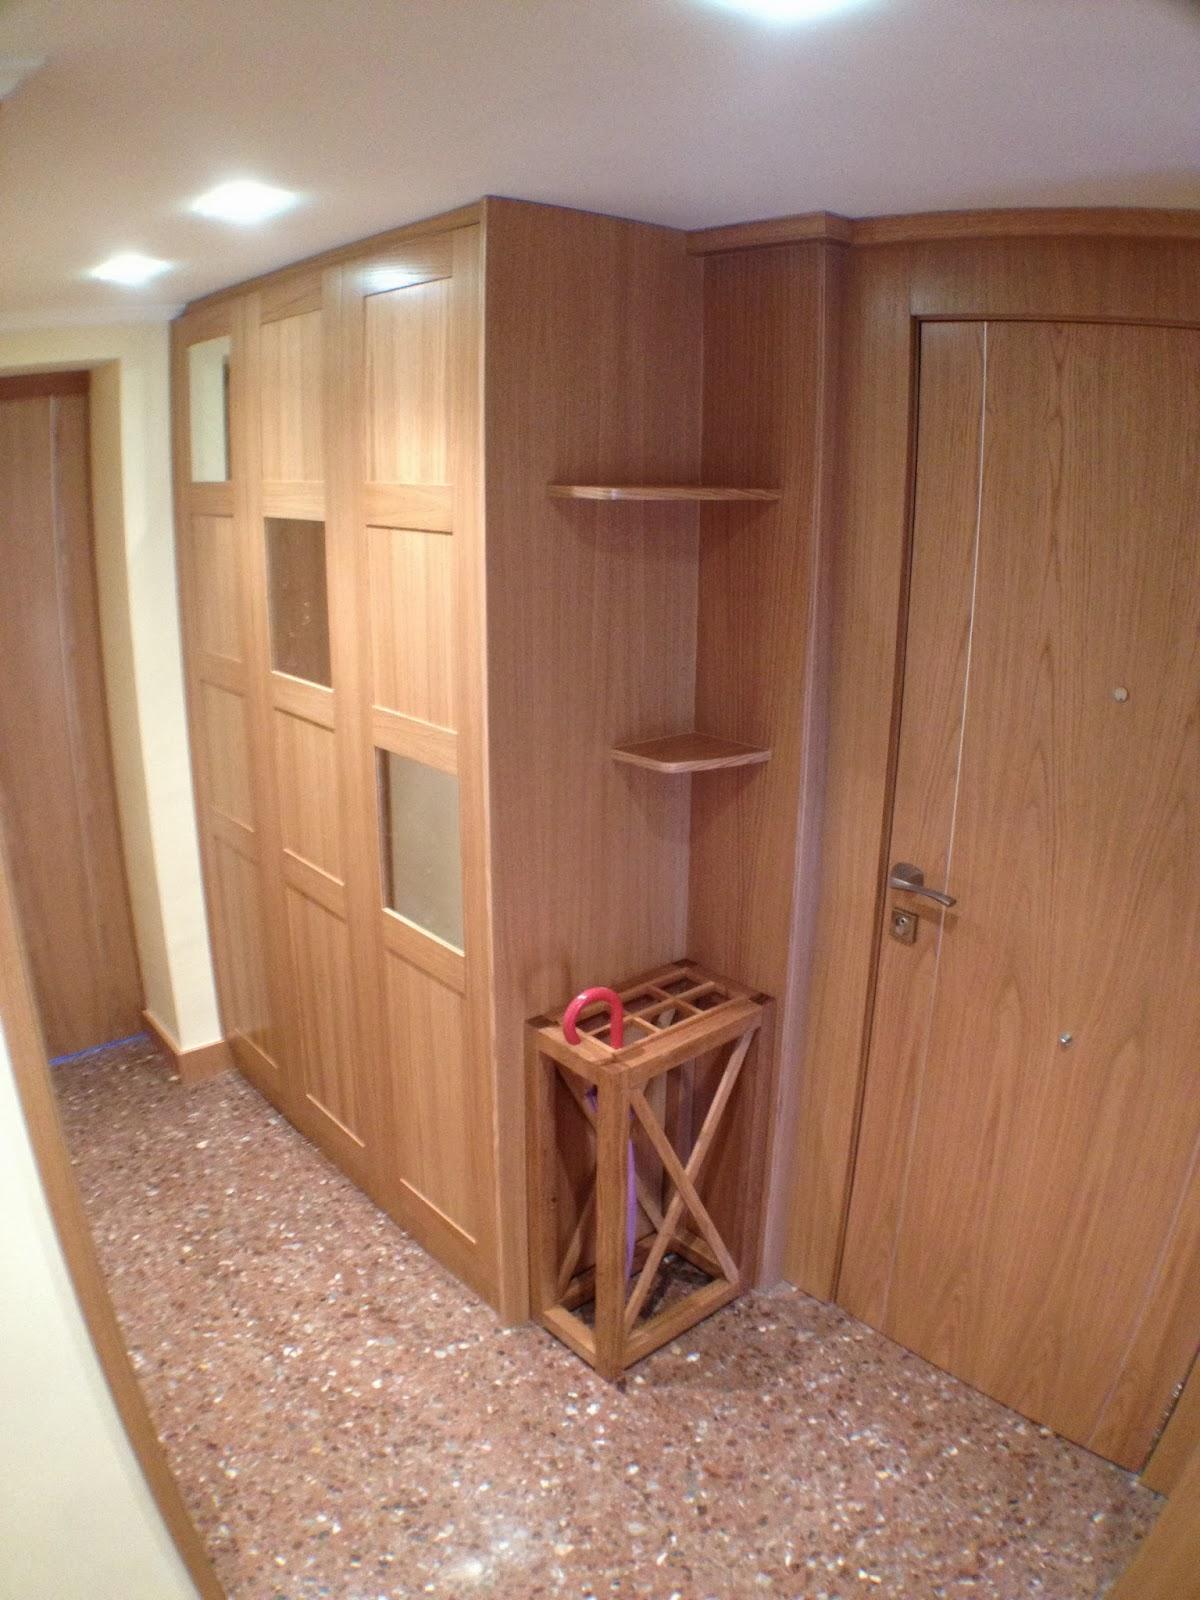 ebanisteria carpinteria manuel perez zaragoza armario On puerta del armario para la entrada